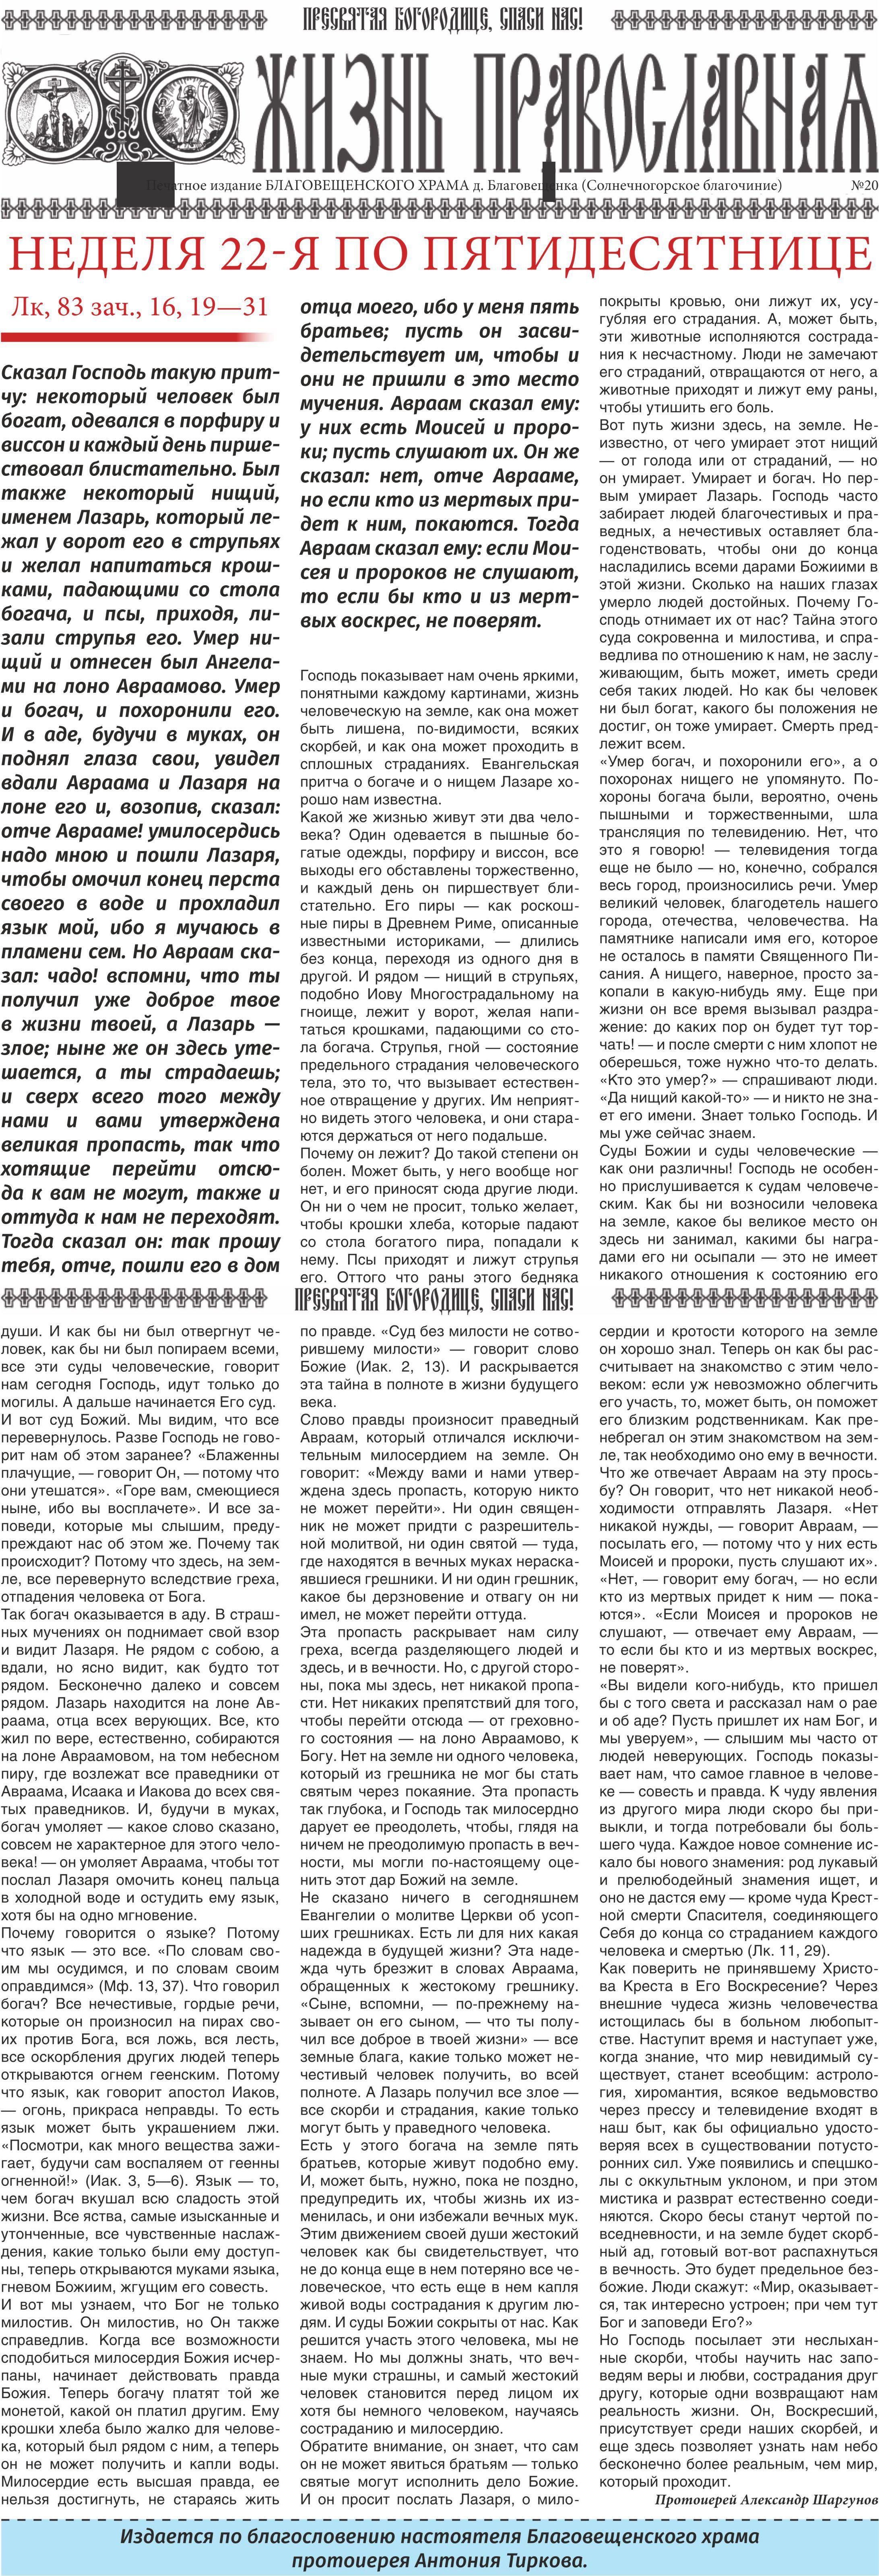 Жизнь православная 2017-20